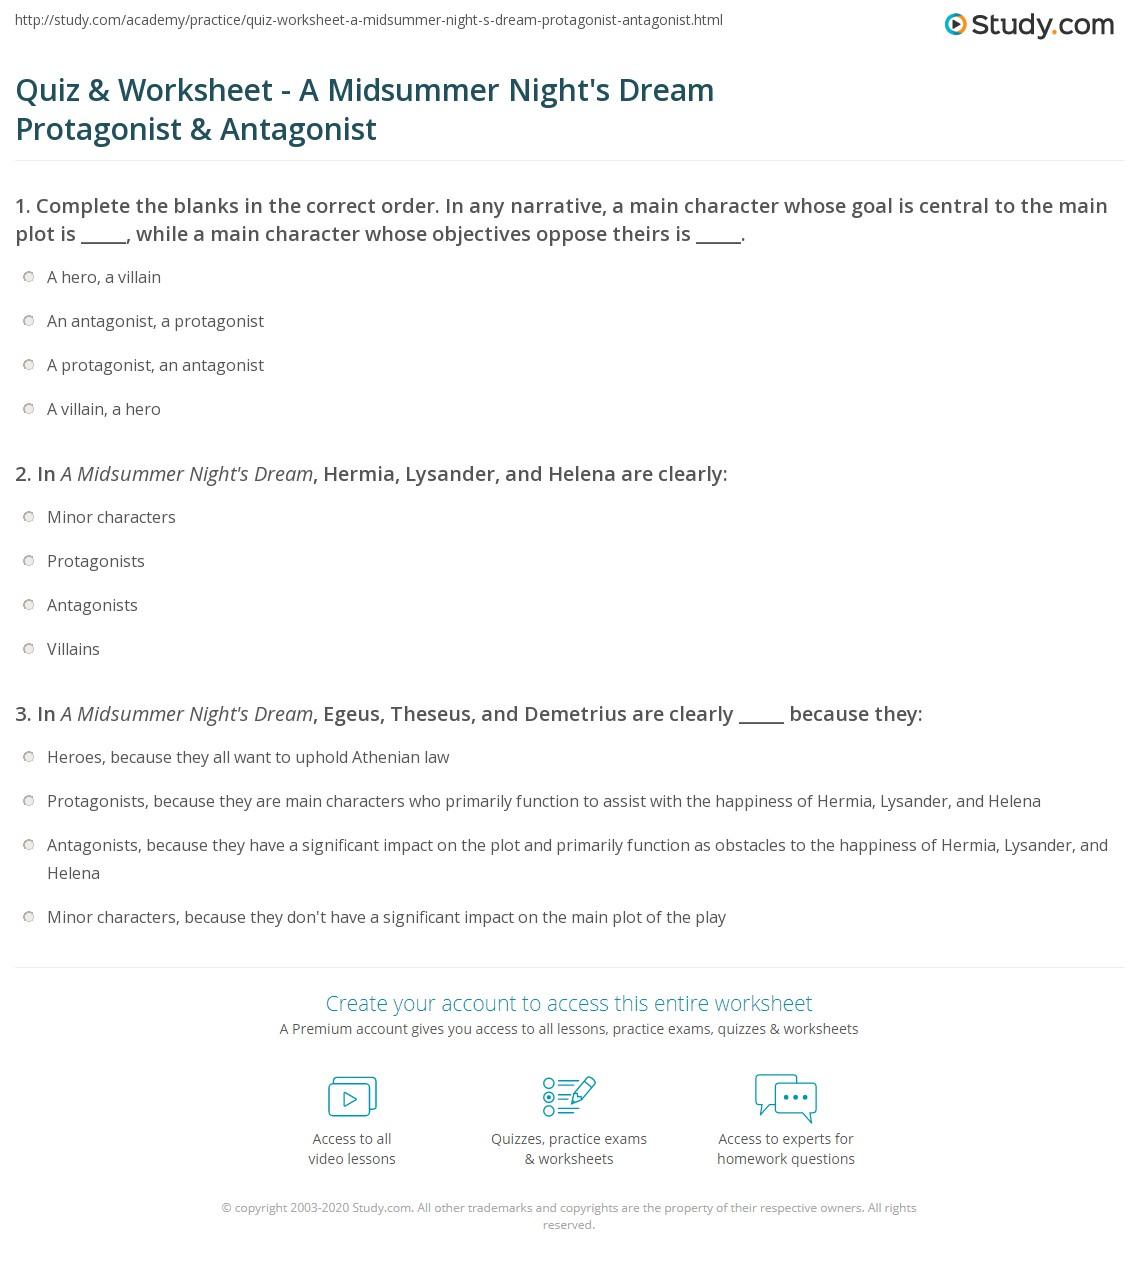 quiz worksheet a midsummer night 39 s dream protagonist antagonist. Black Bedroom Furniture Sets. Home Design Ideas